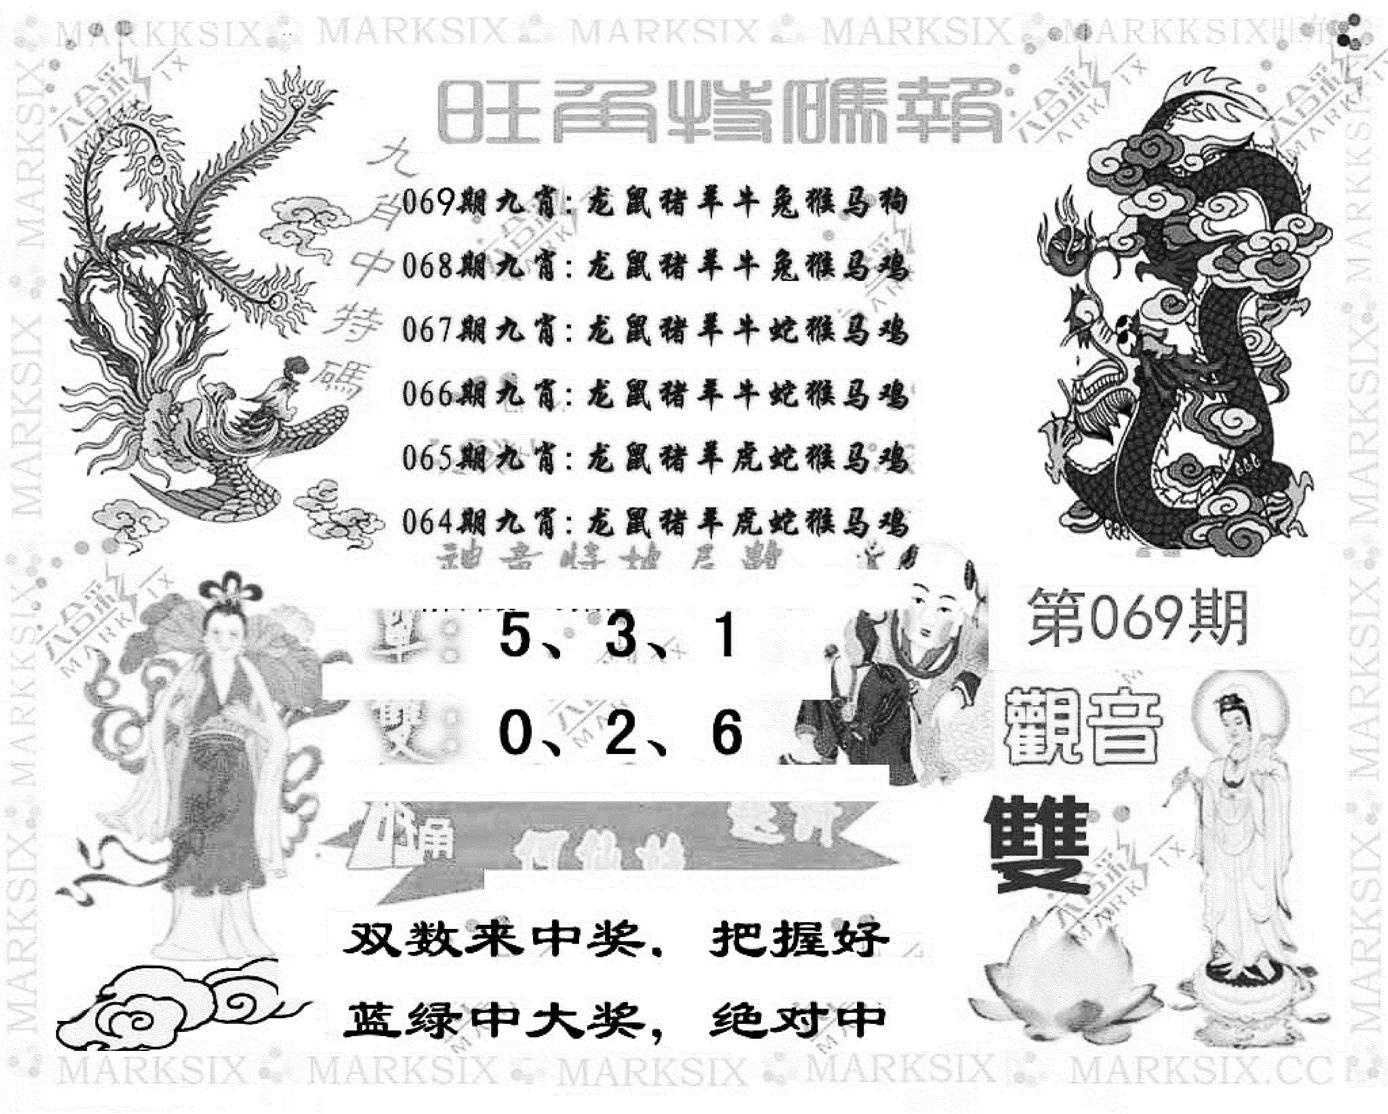 069期旺角特码报(彩)(黑白)